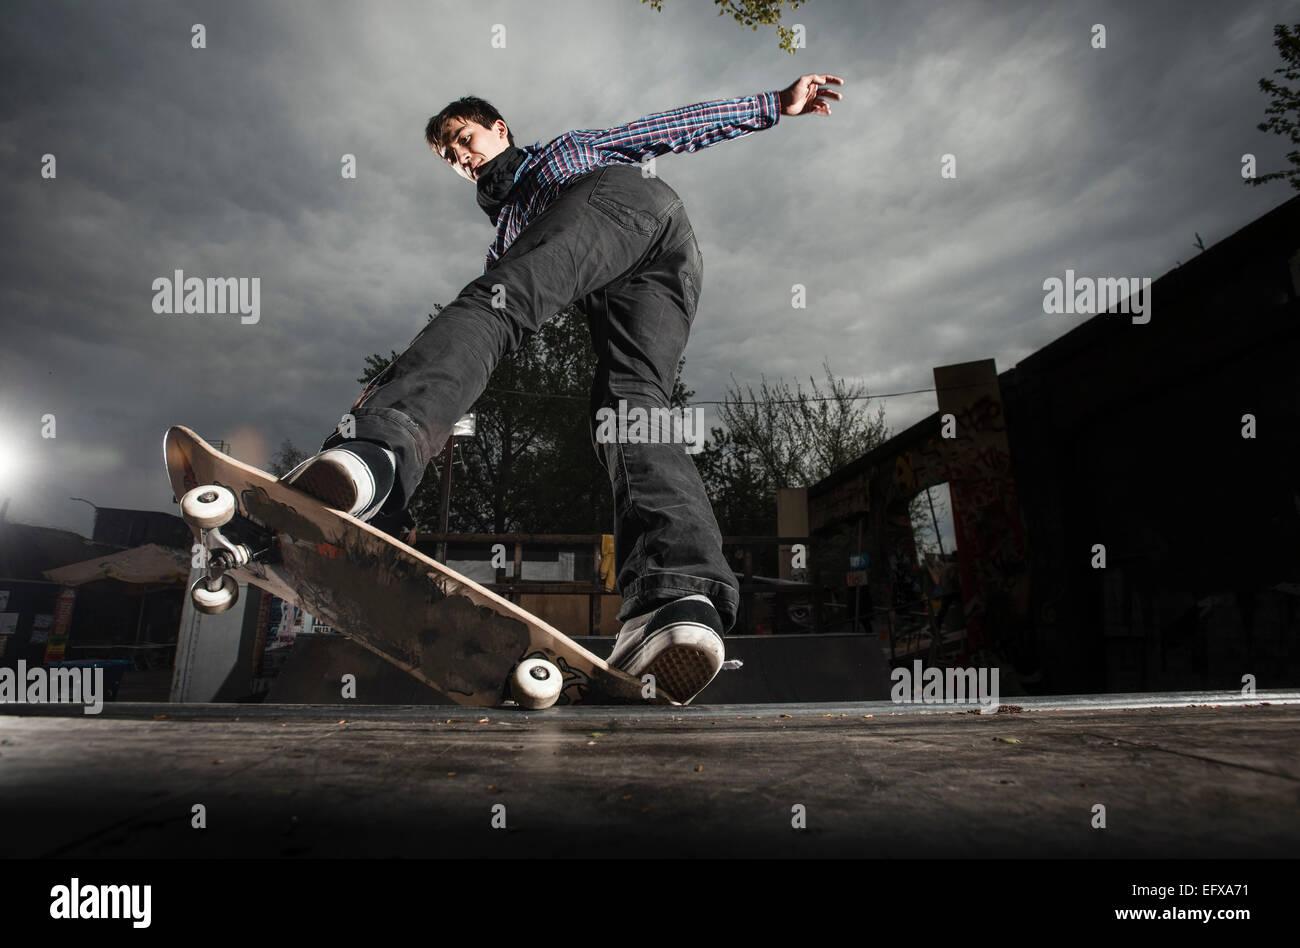 Lo skateboard su mini rampa, 5-0 molare a fakie, Berlino, Germania Immagini Stock